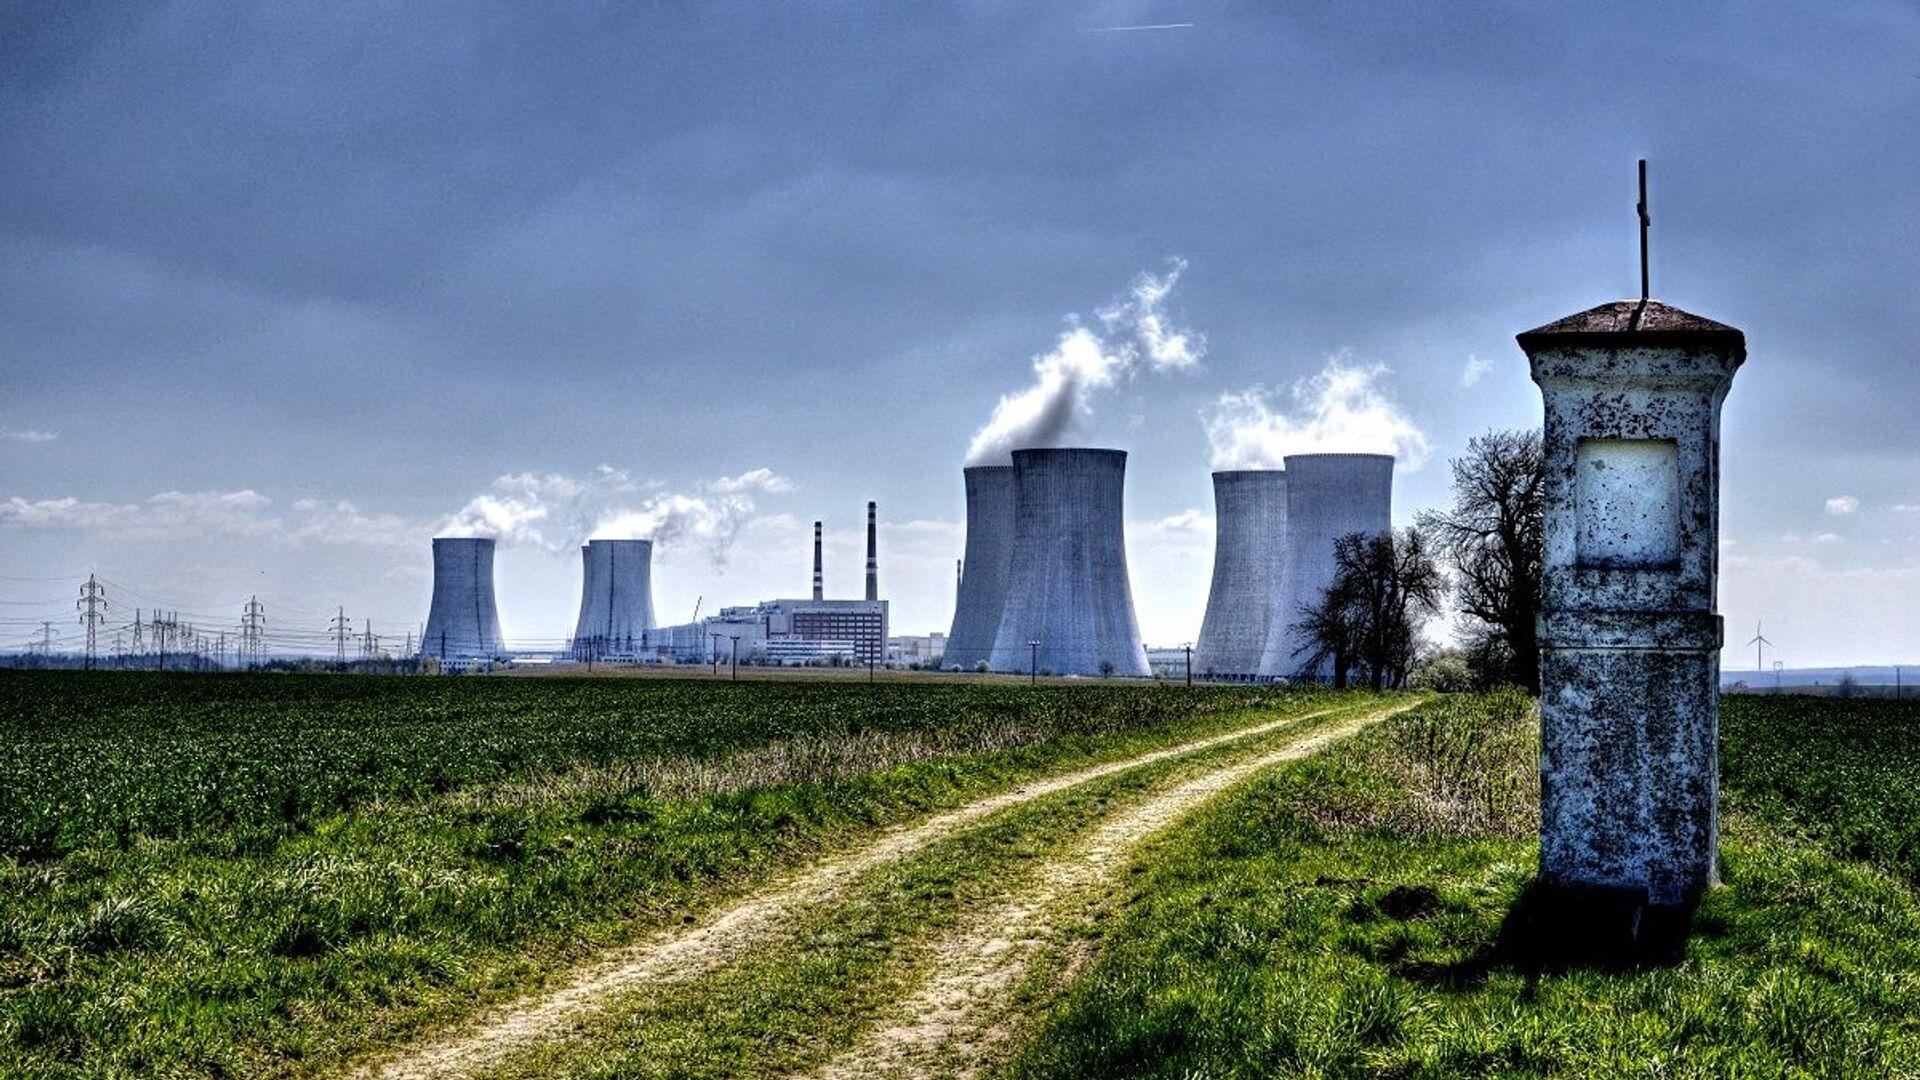 Jaderná elektrárna Dukovany - Sputnik Česká republika, 1920, 22.08.2021